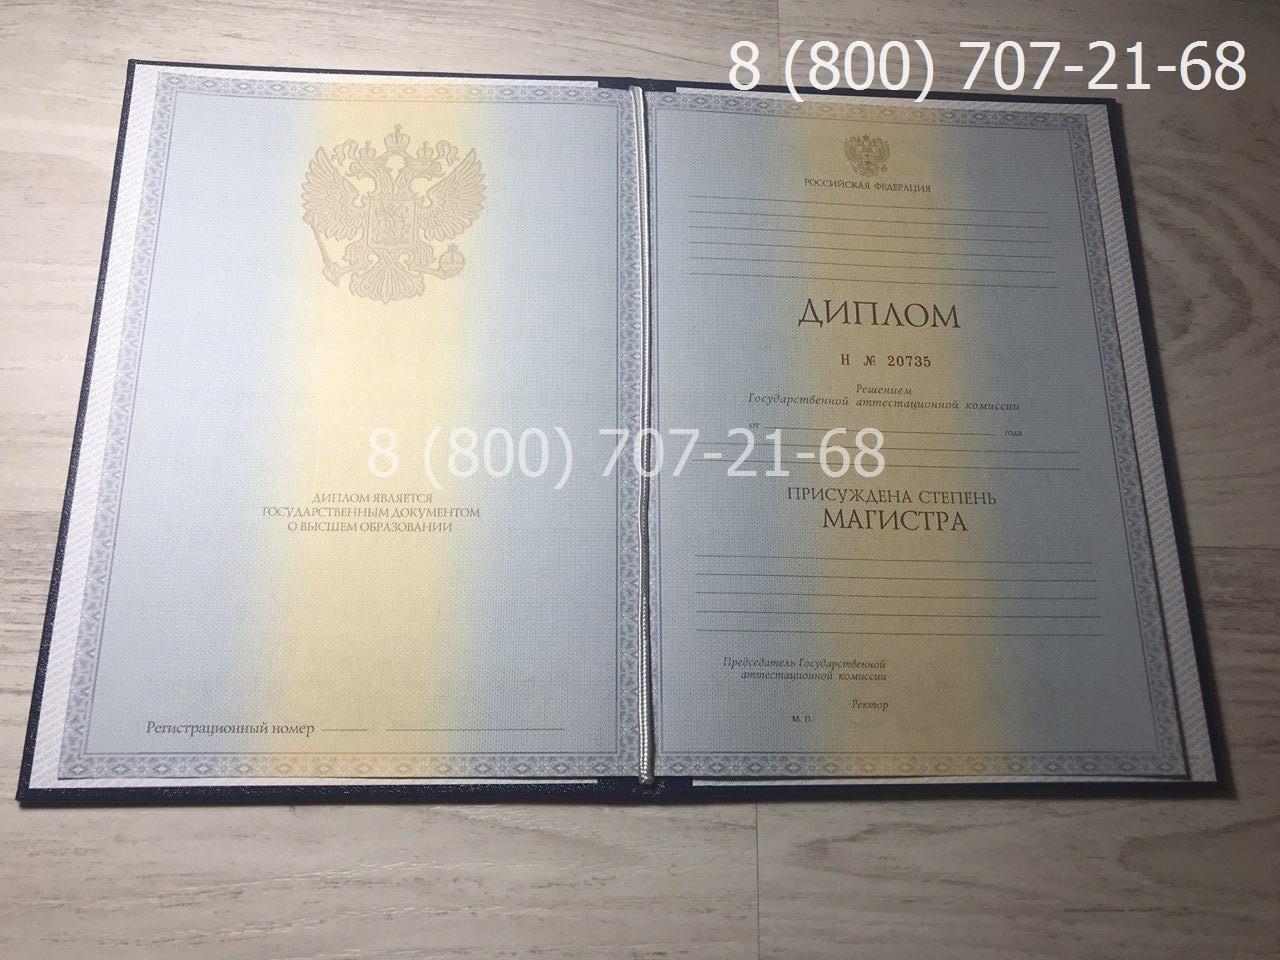 Диплом магистра 2011-2013 года 6 8